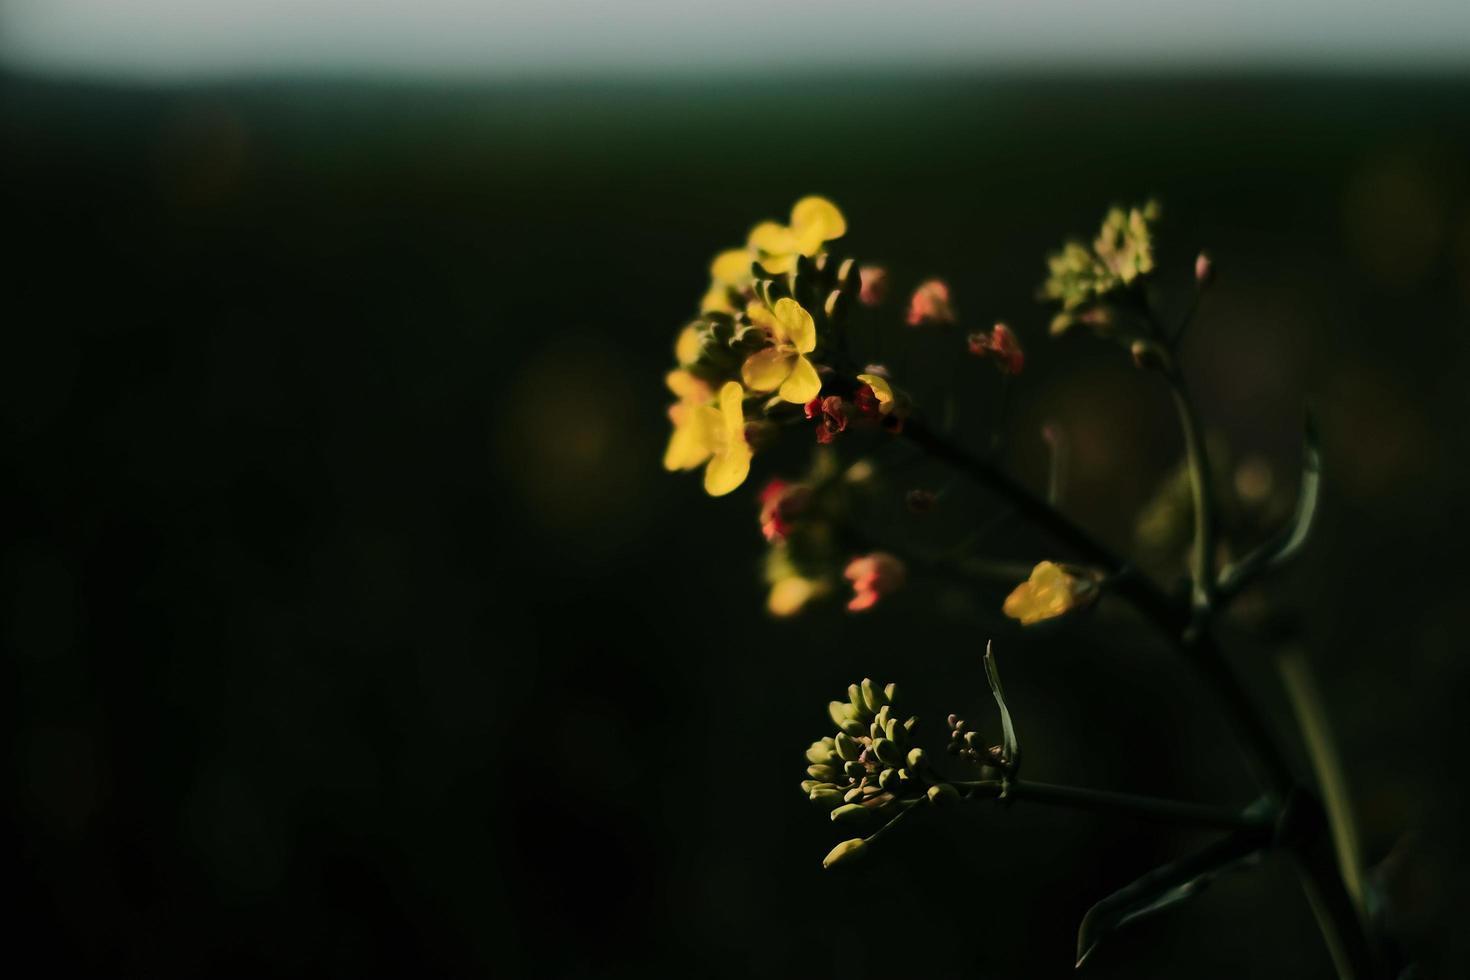 gula blommor i svagt ljus foto